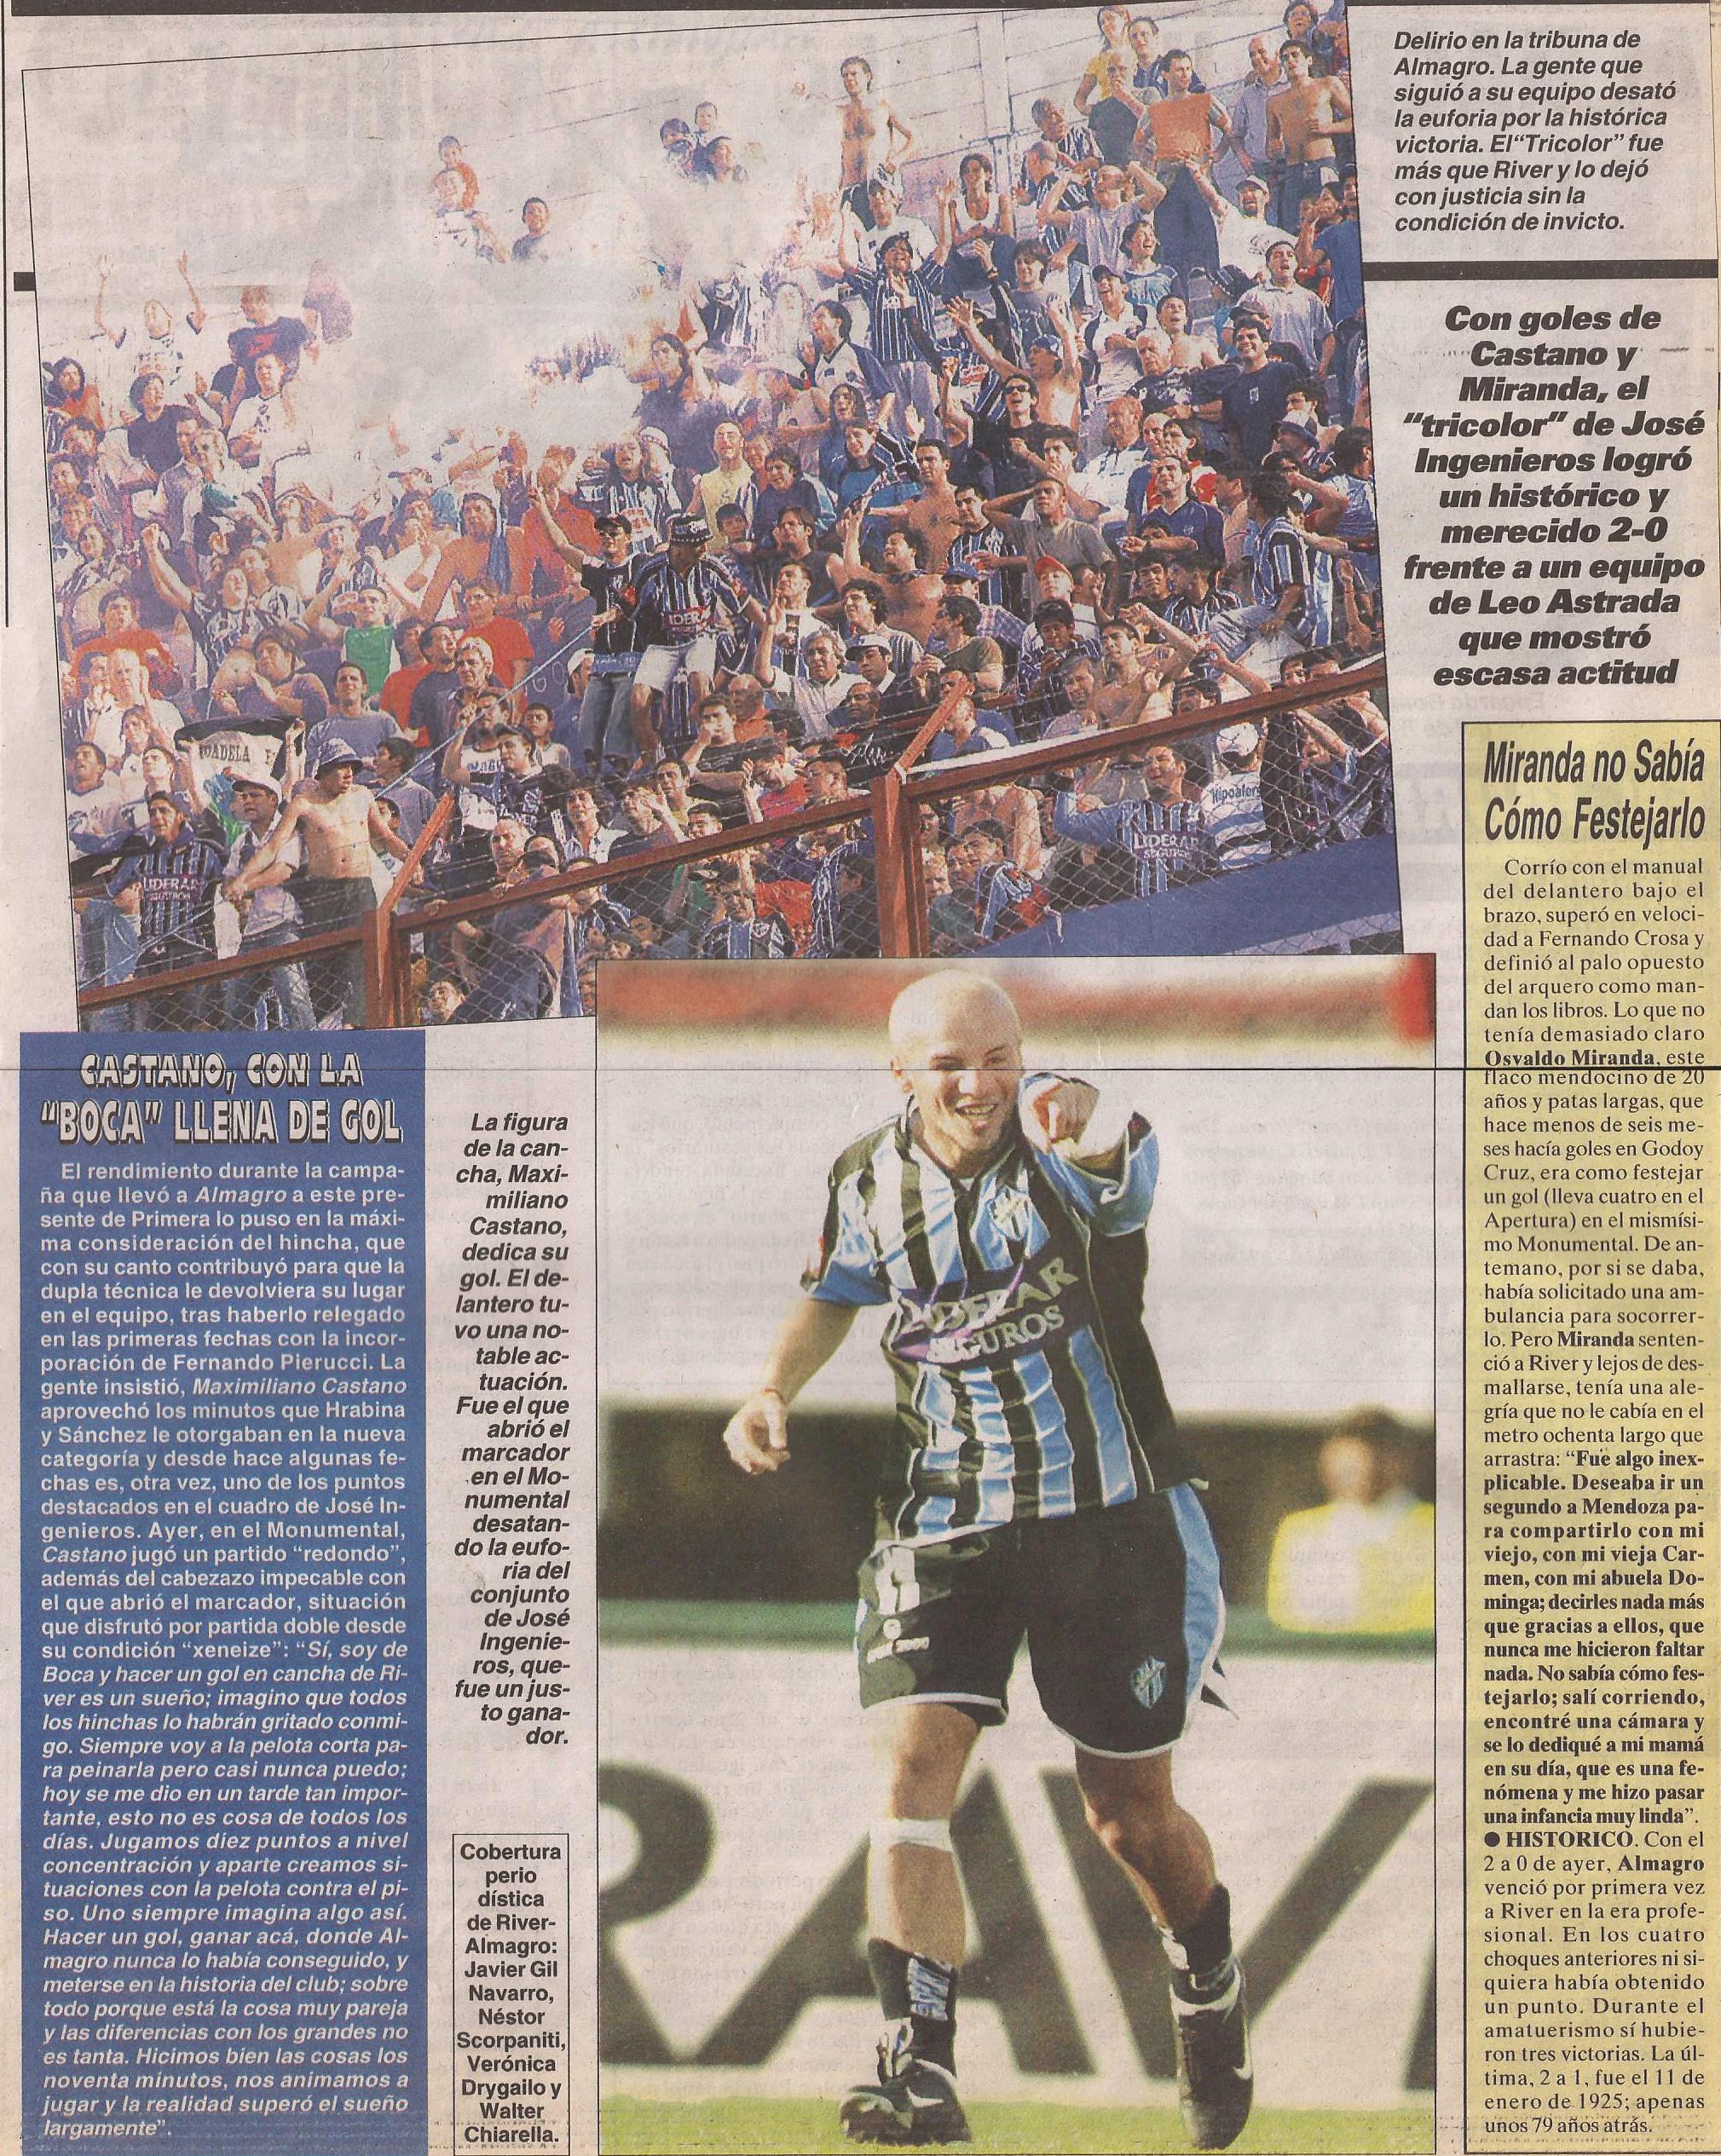 2004-05 Primera Division - River Plate vs Almagro - Castano - Cronica